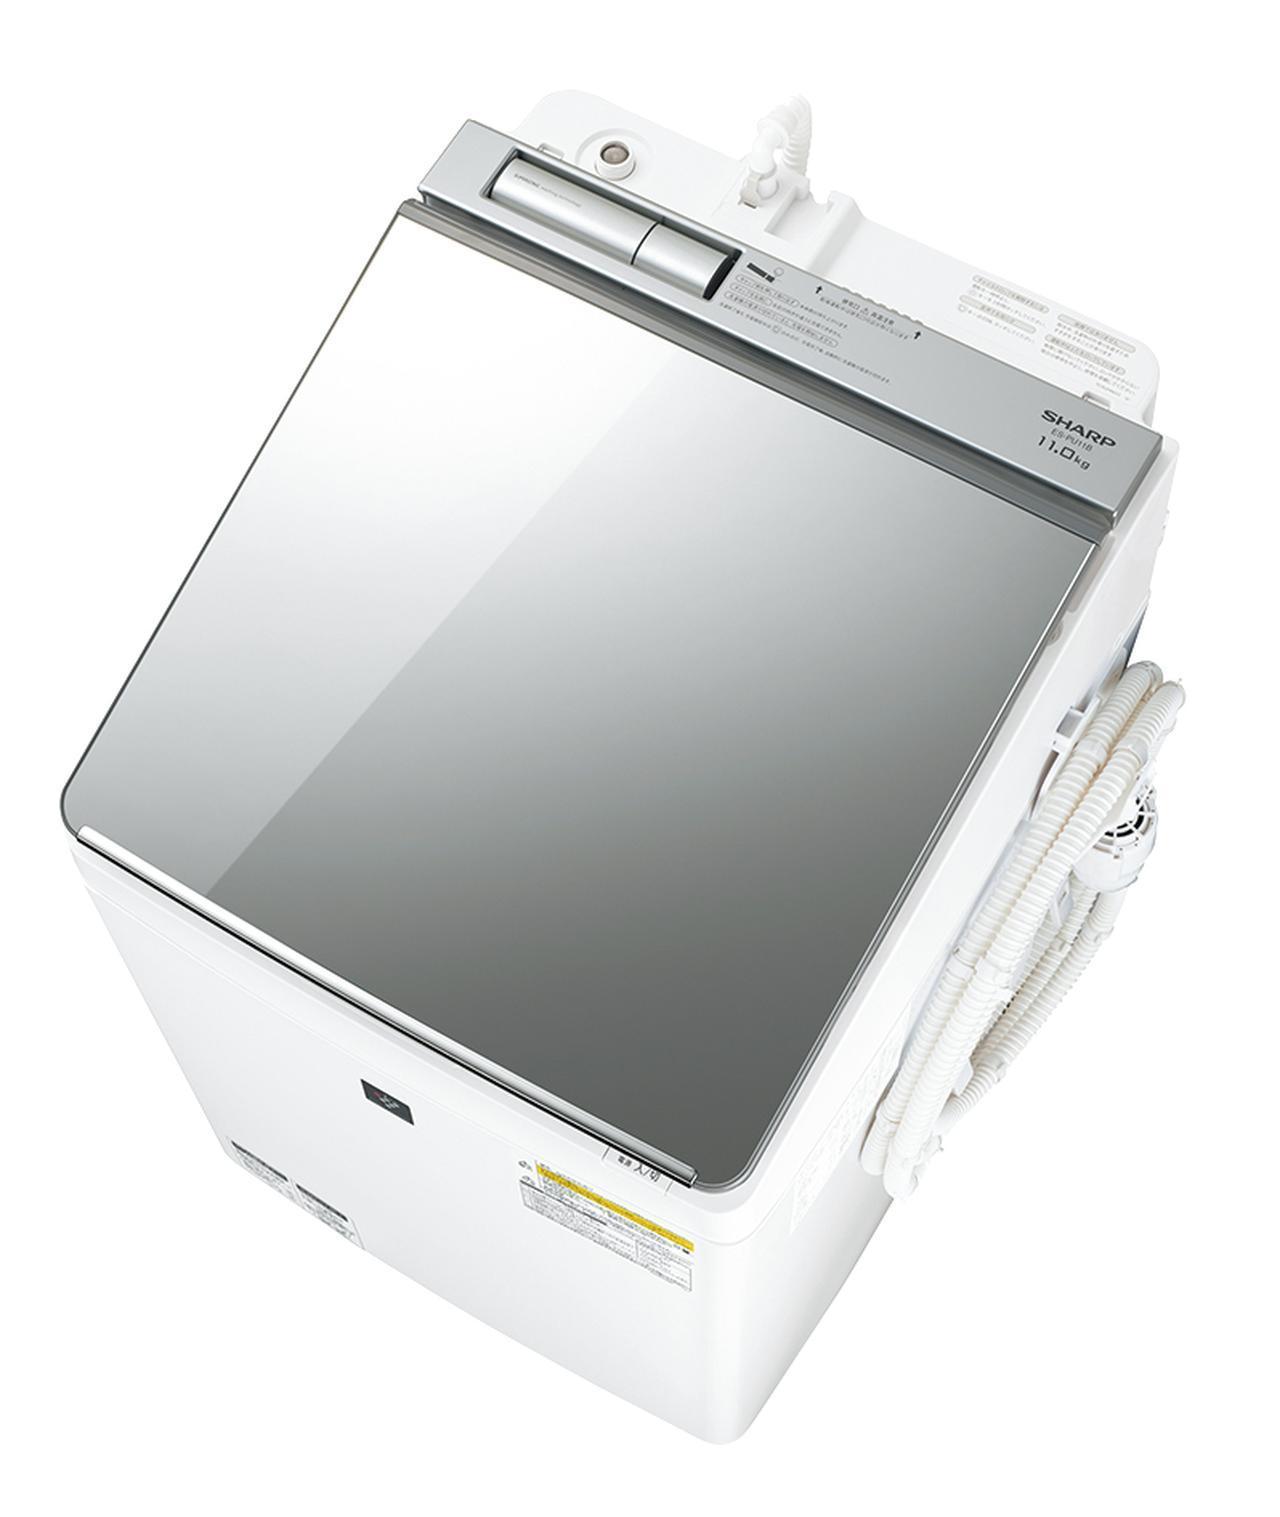 画像: 衣類のがんこな汚れをスポット洗濯できる超音波ウォッシャーを搭載